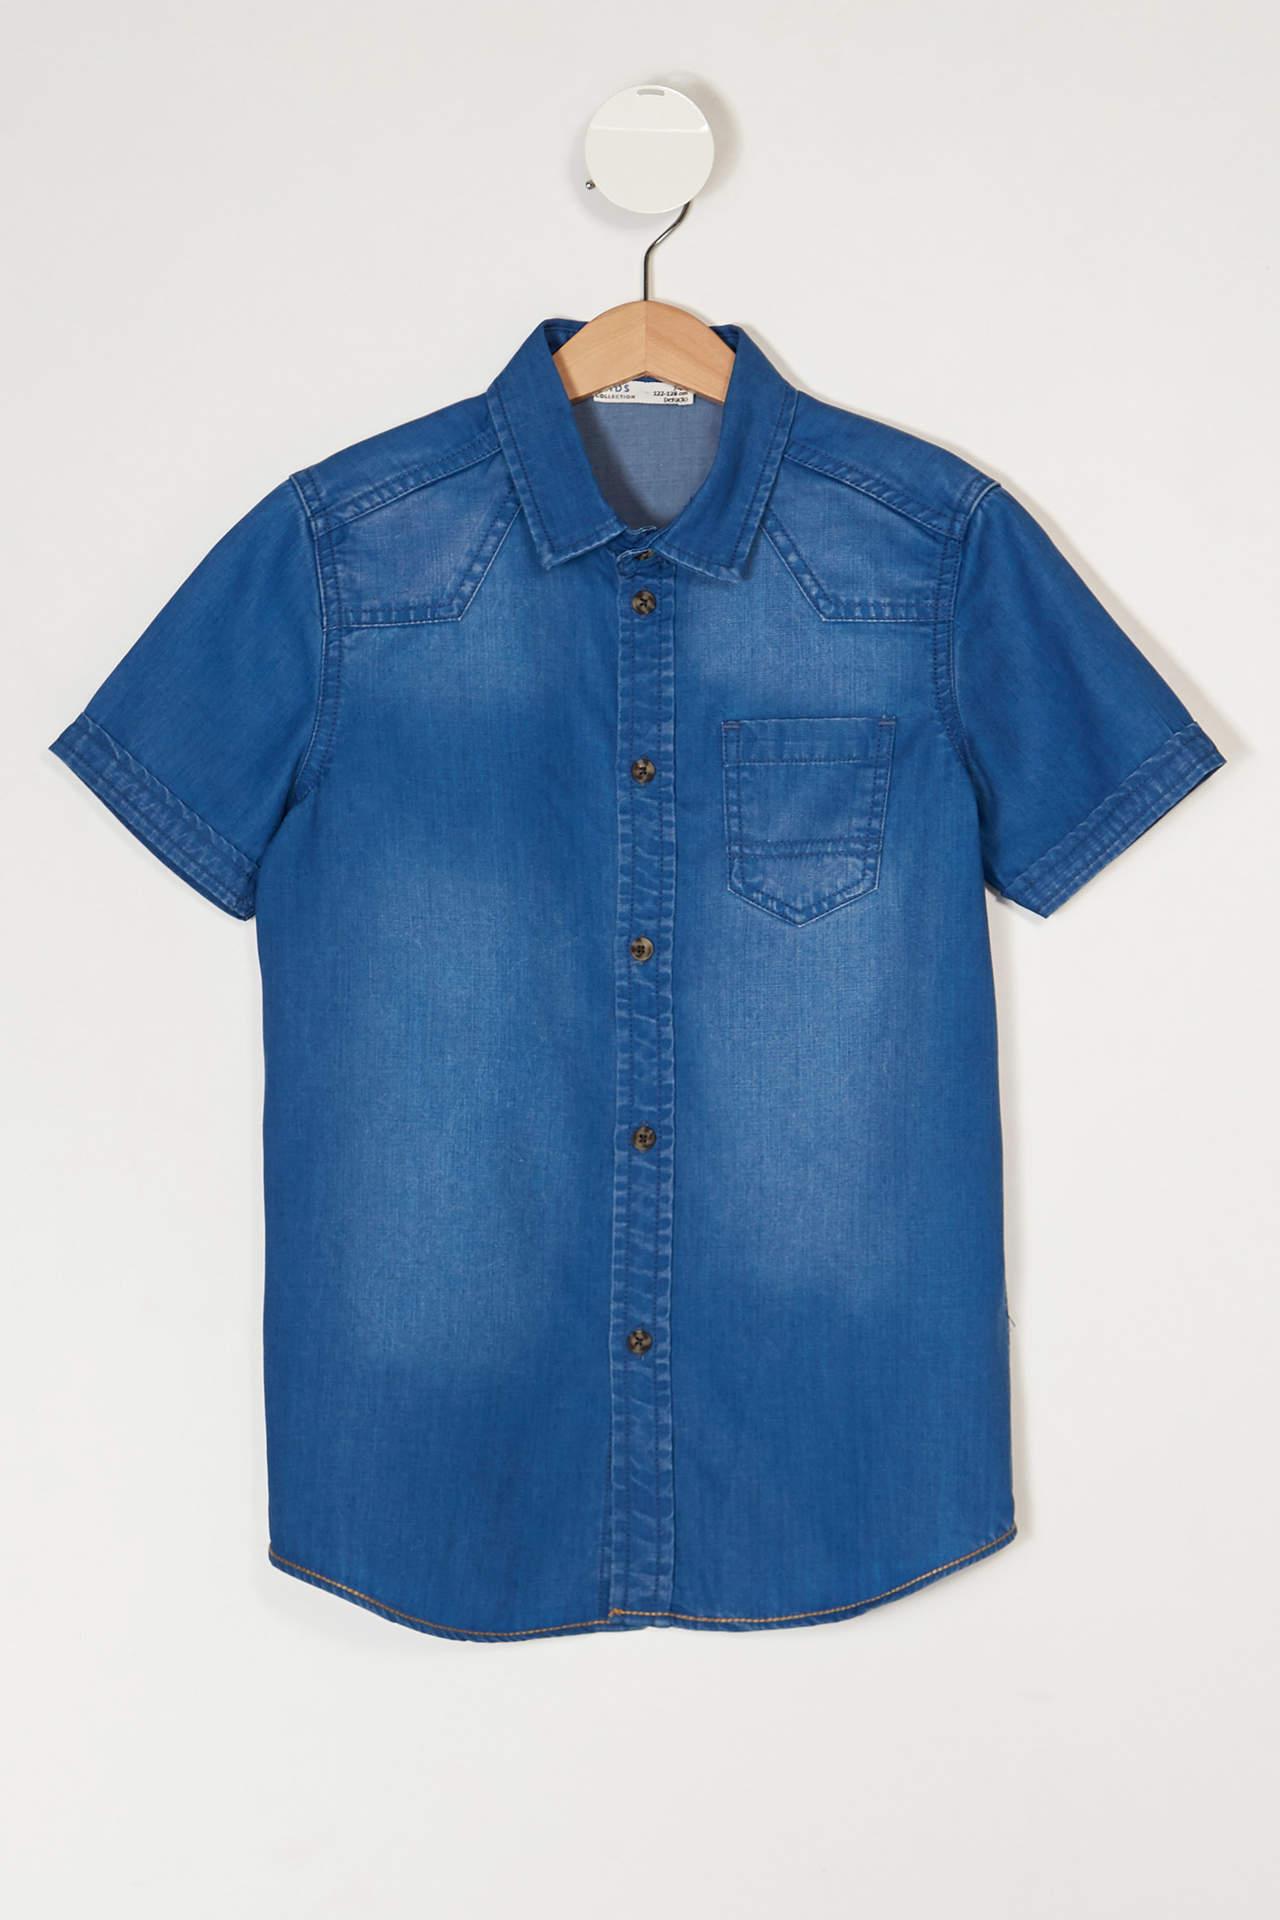 DeFacto Erkek Çocuk Cepli Kısa Kollu Jean Gömlek Mavi male